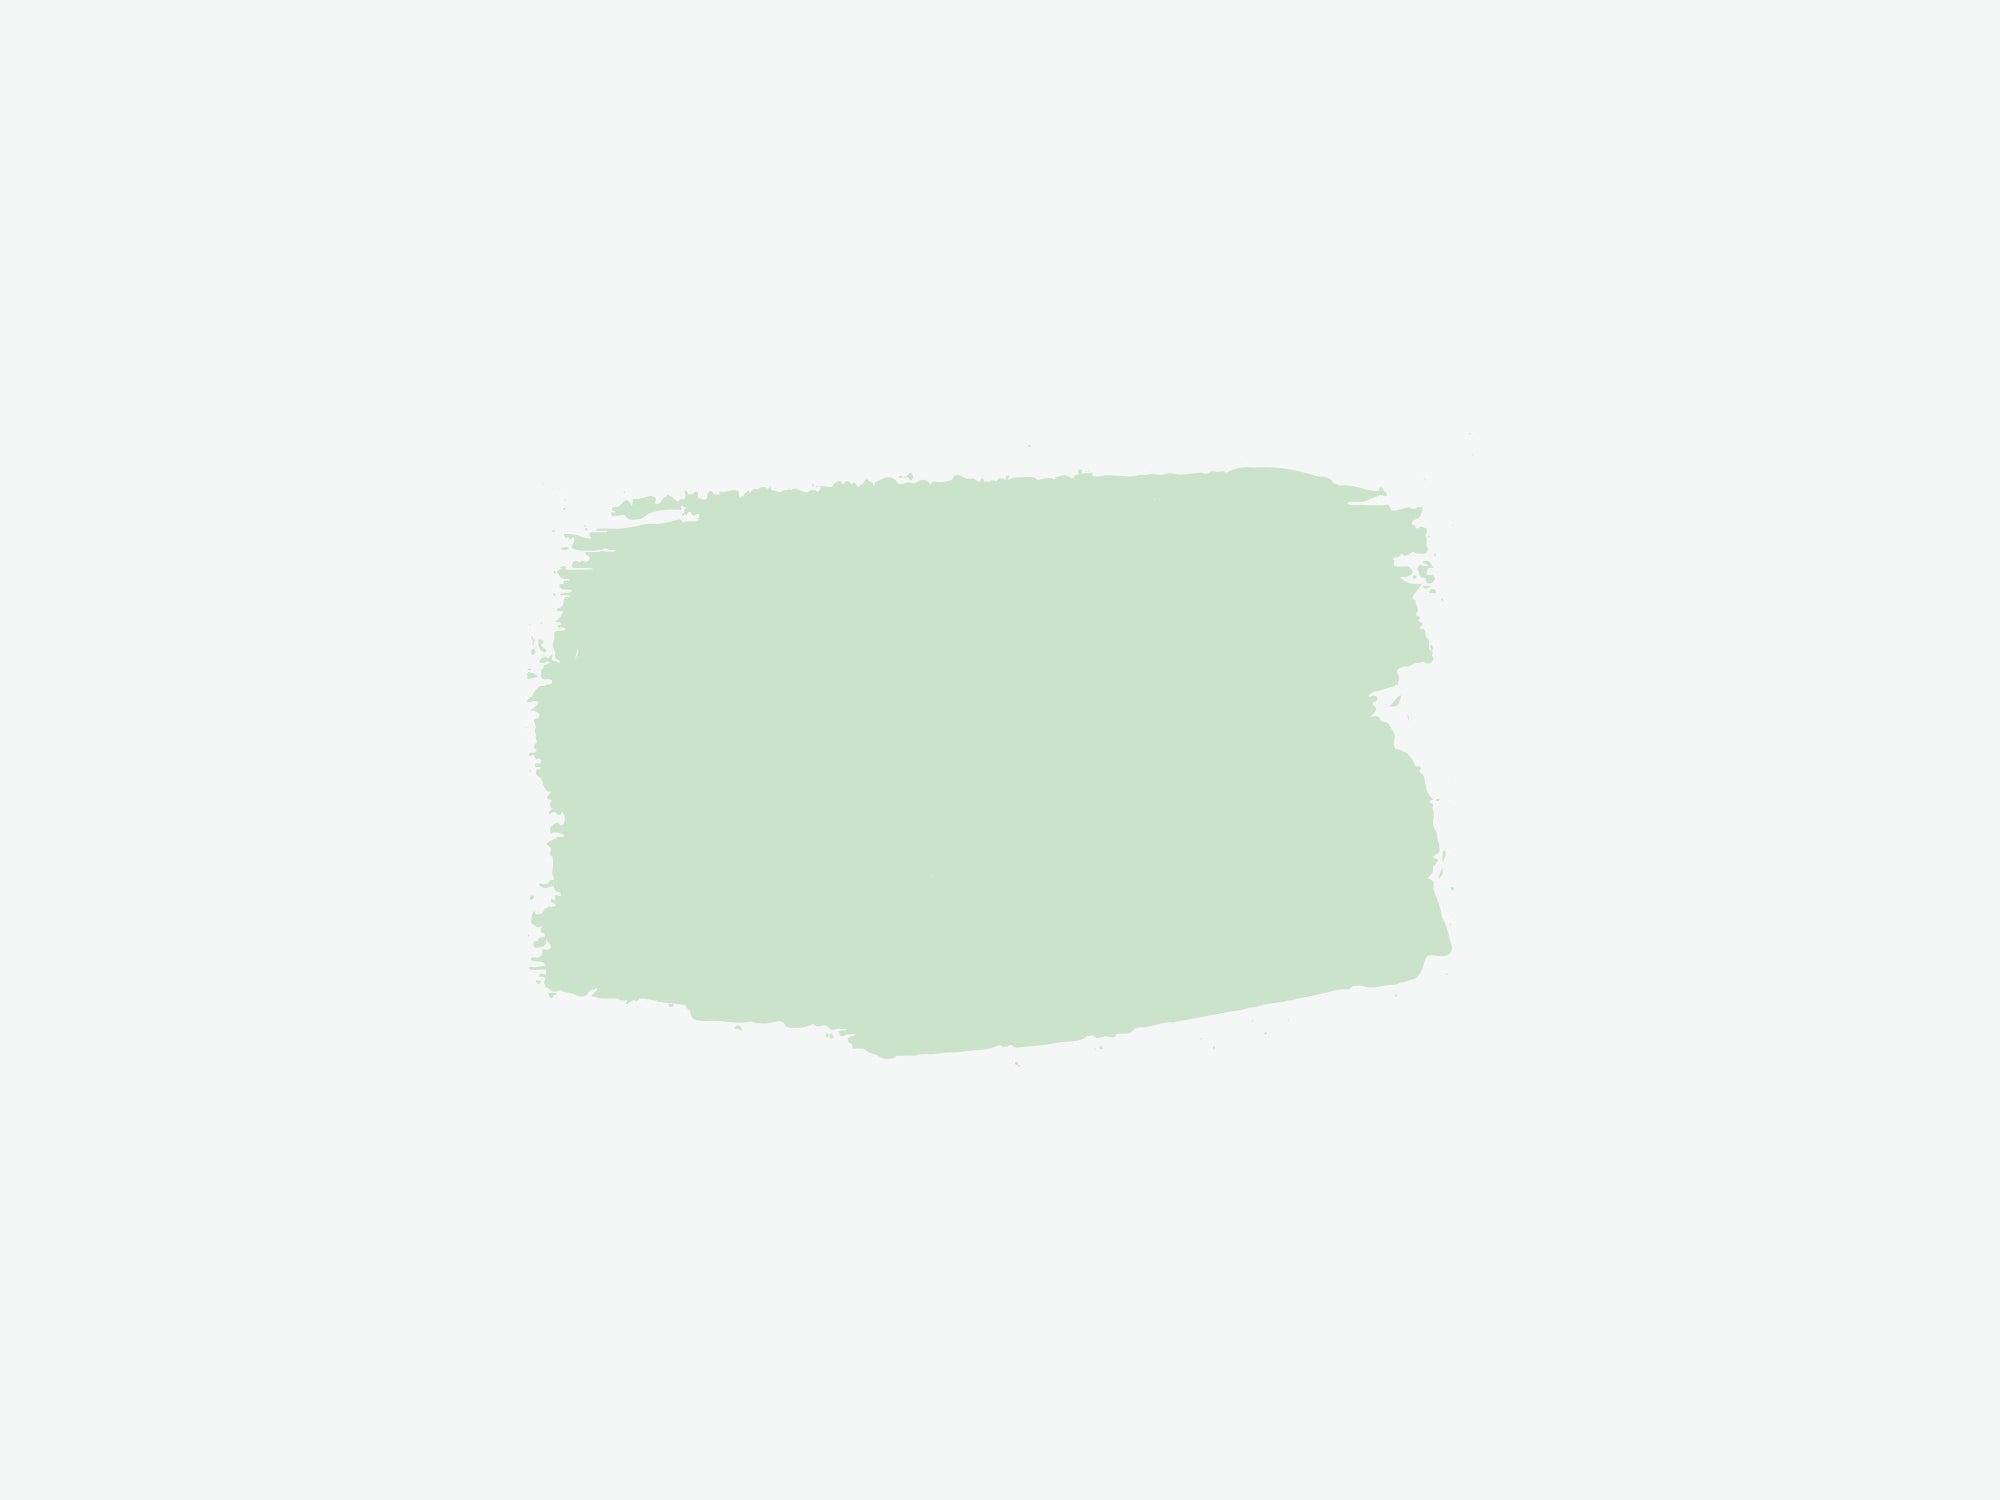 Russell_Jocular Green